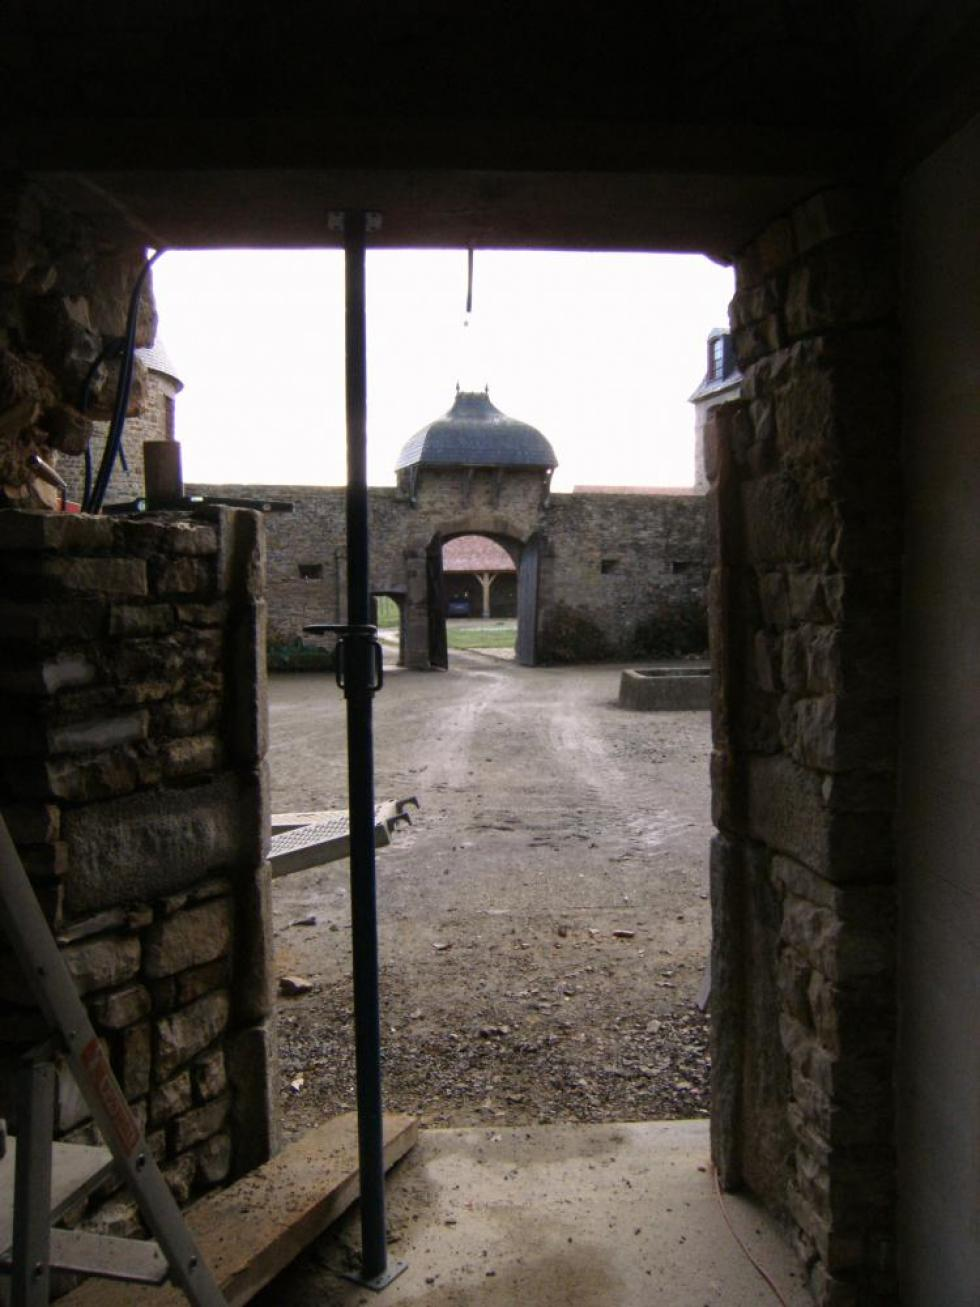 26 novembre 2010, vue de la porte extérieure du bâtiment Nord en cours de remontage, prise de l'intérieur du bâtiment.